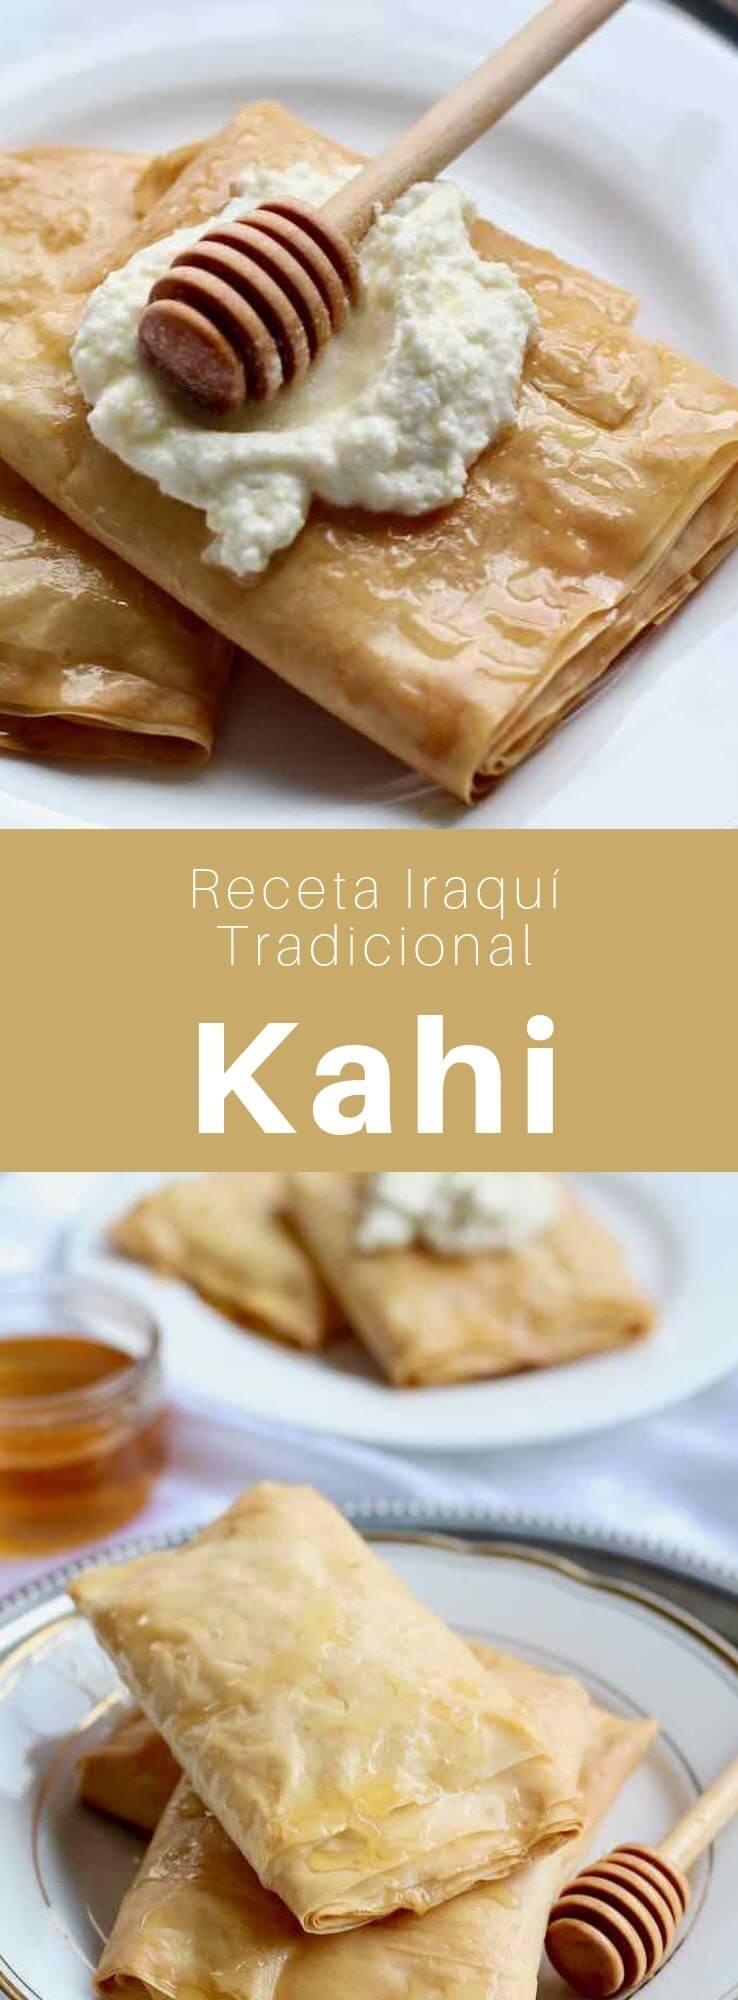 El kahi es un delicioso postre tradicional iraquí hecho de masa filo y mantequilla, y servido con crema coagulada.